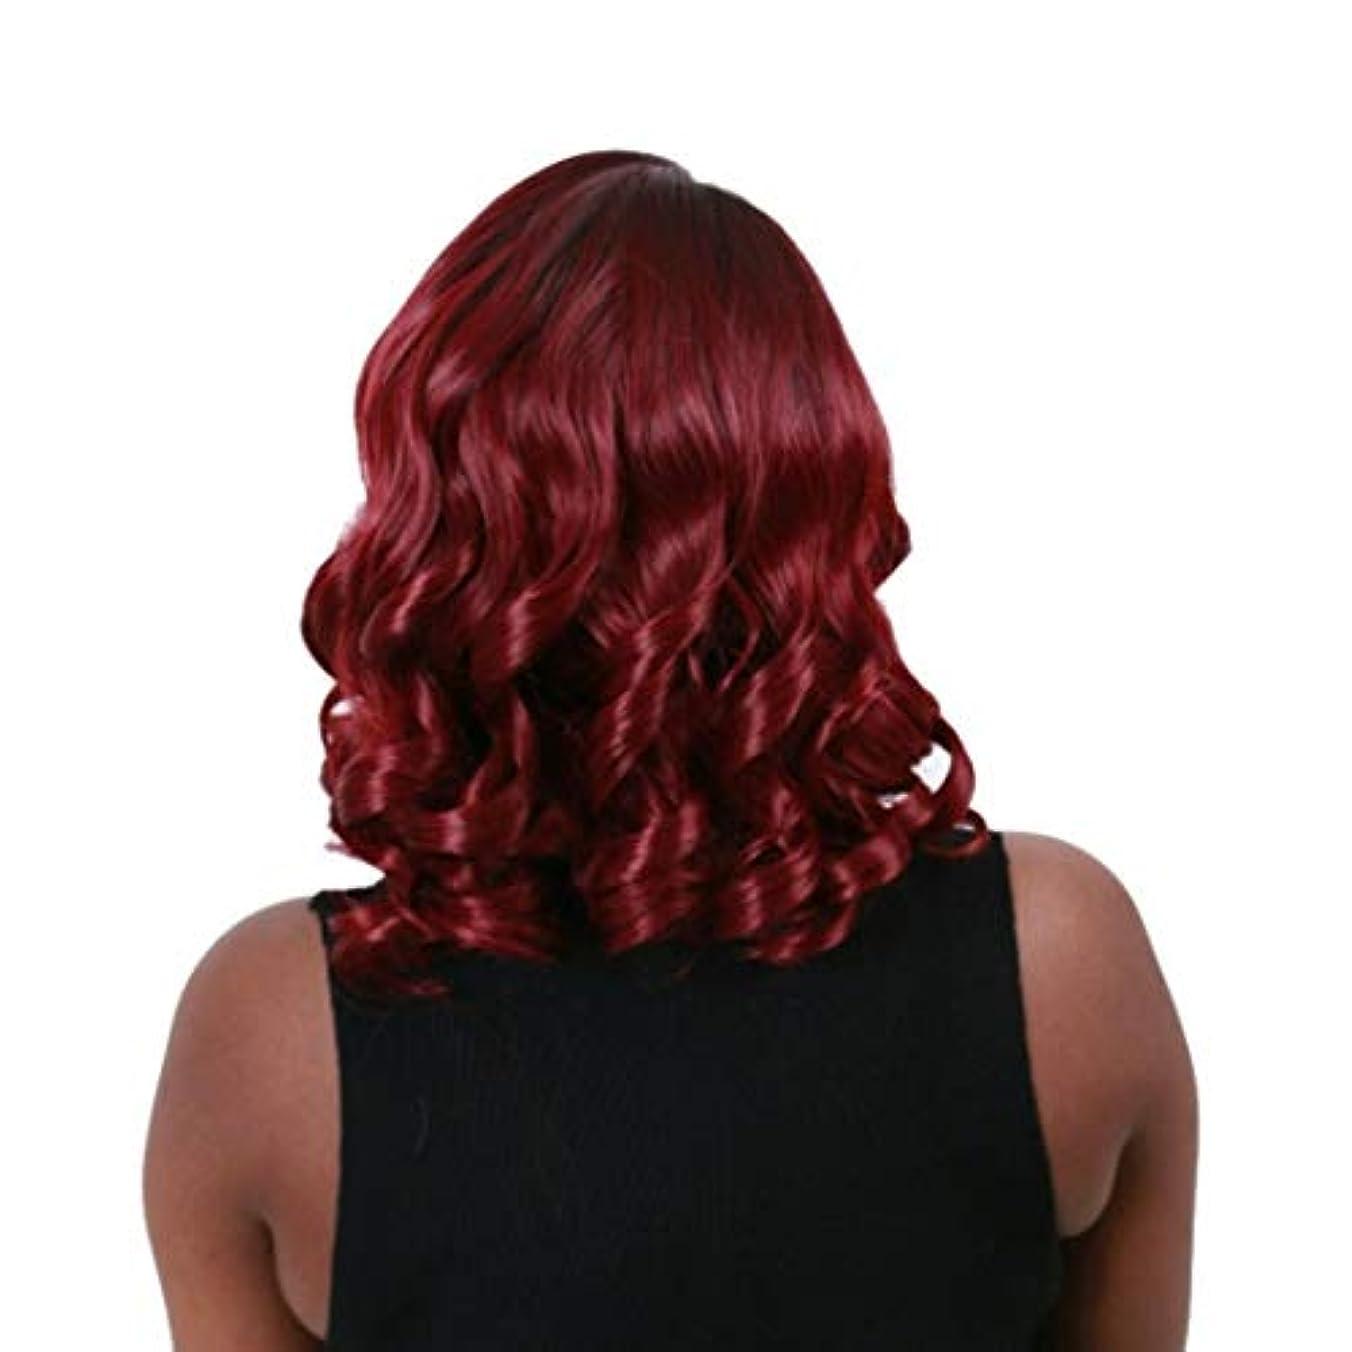 コインランドリーアンソロジー区別Kerwinner かつら女性のための傾斜前髪ショートカーリーヘアーワインレッド高温シルクウィッグ